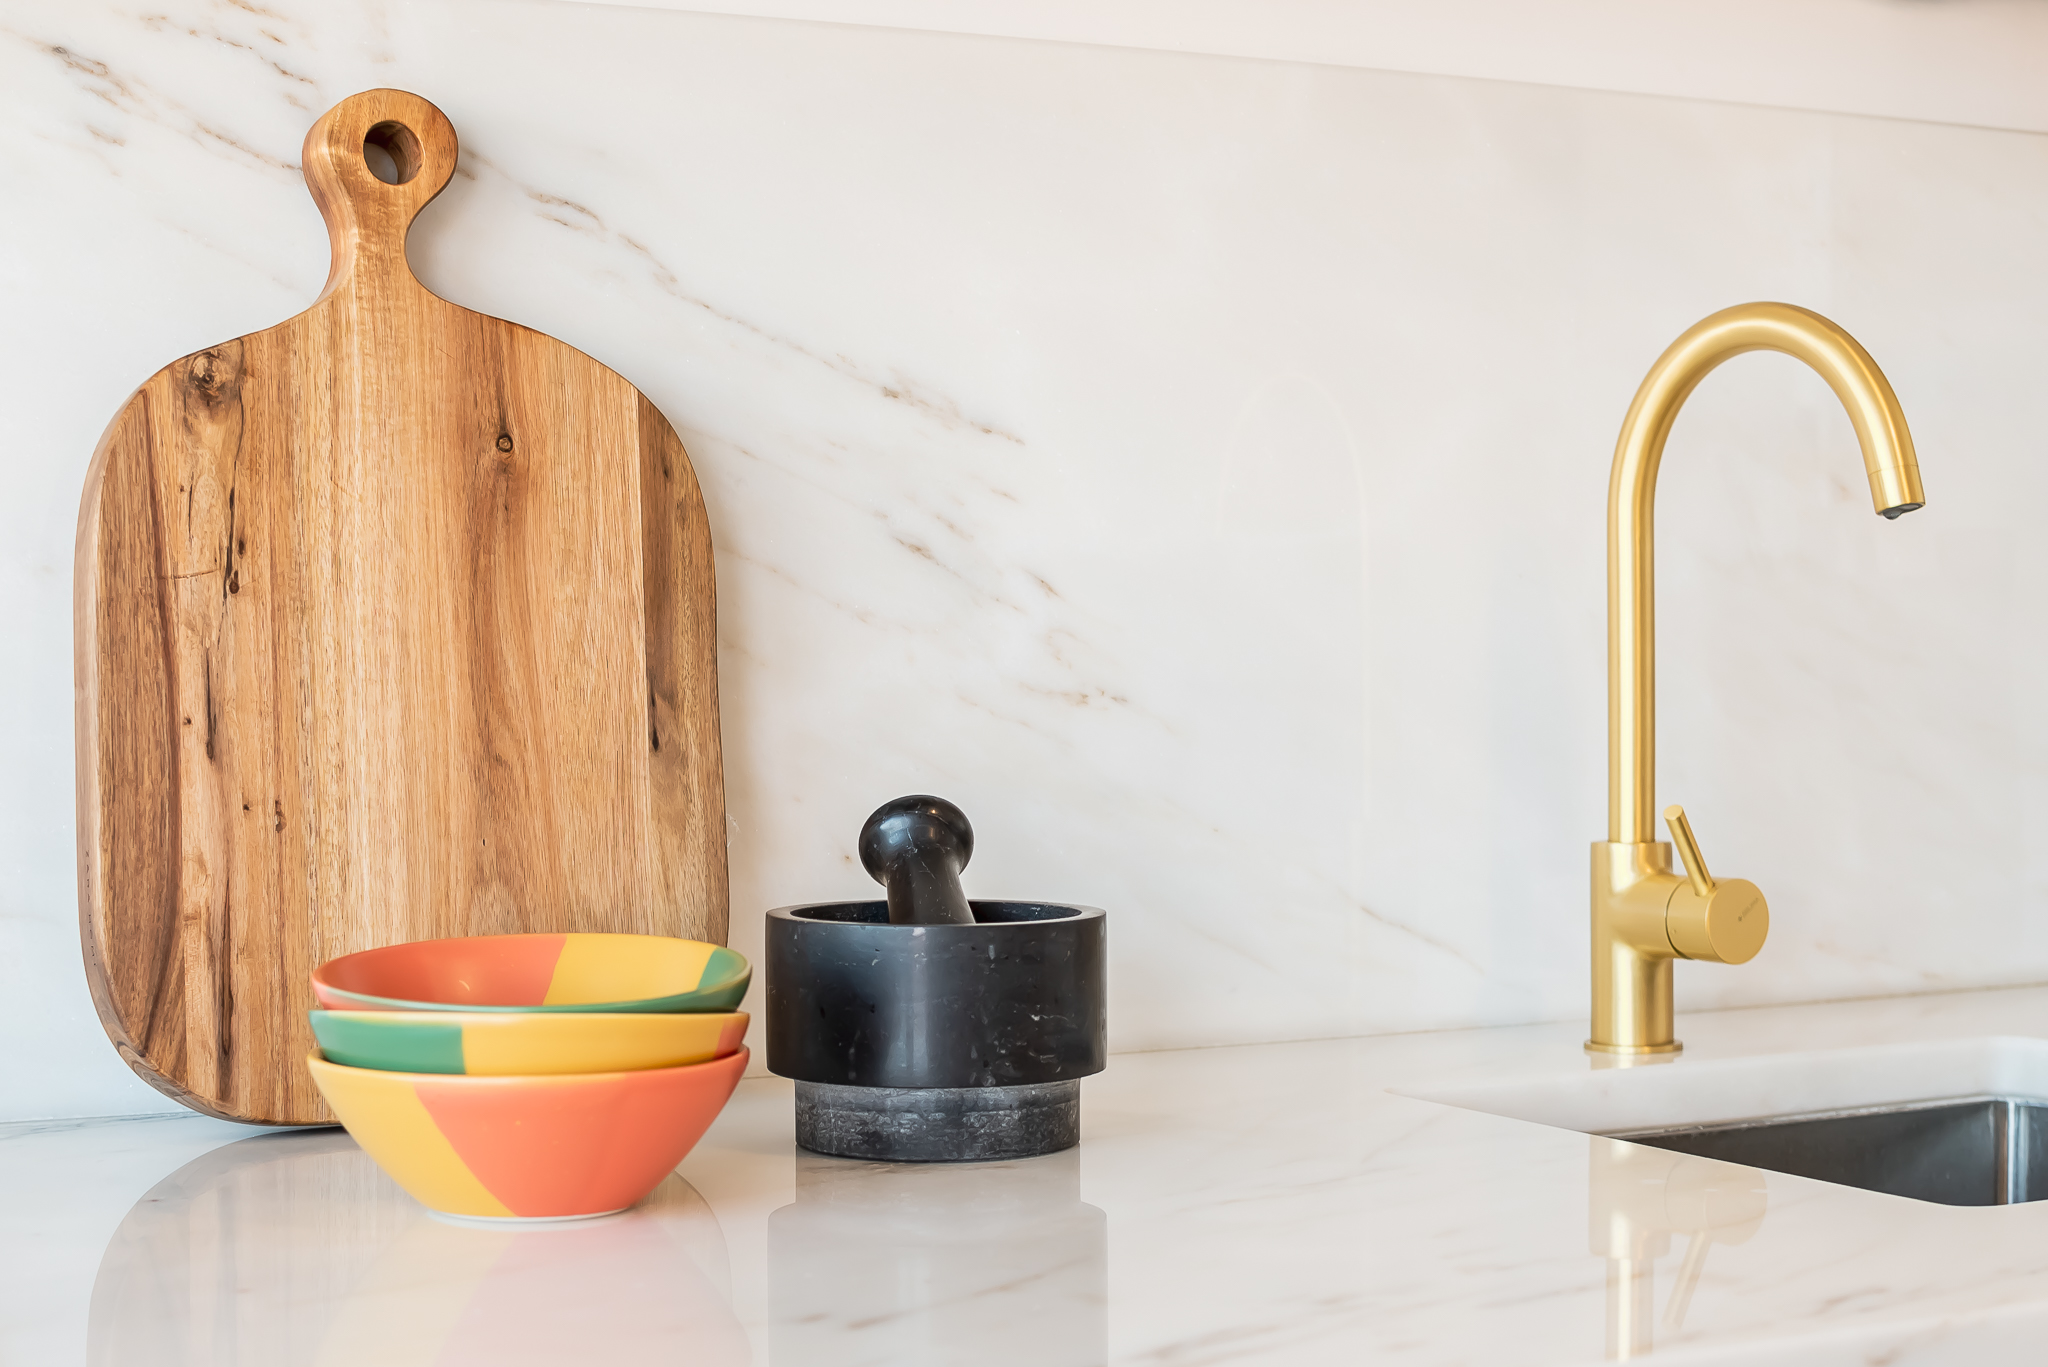 Detalhes da bancada da cozinha com torneira dourada